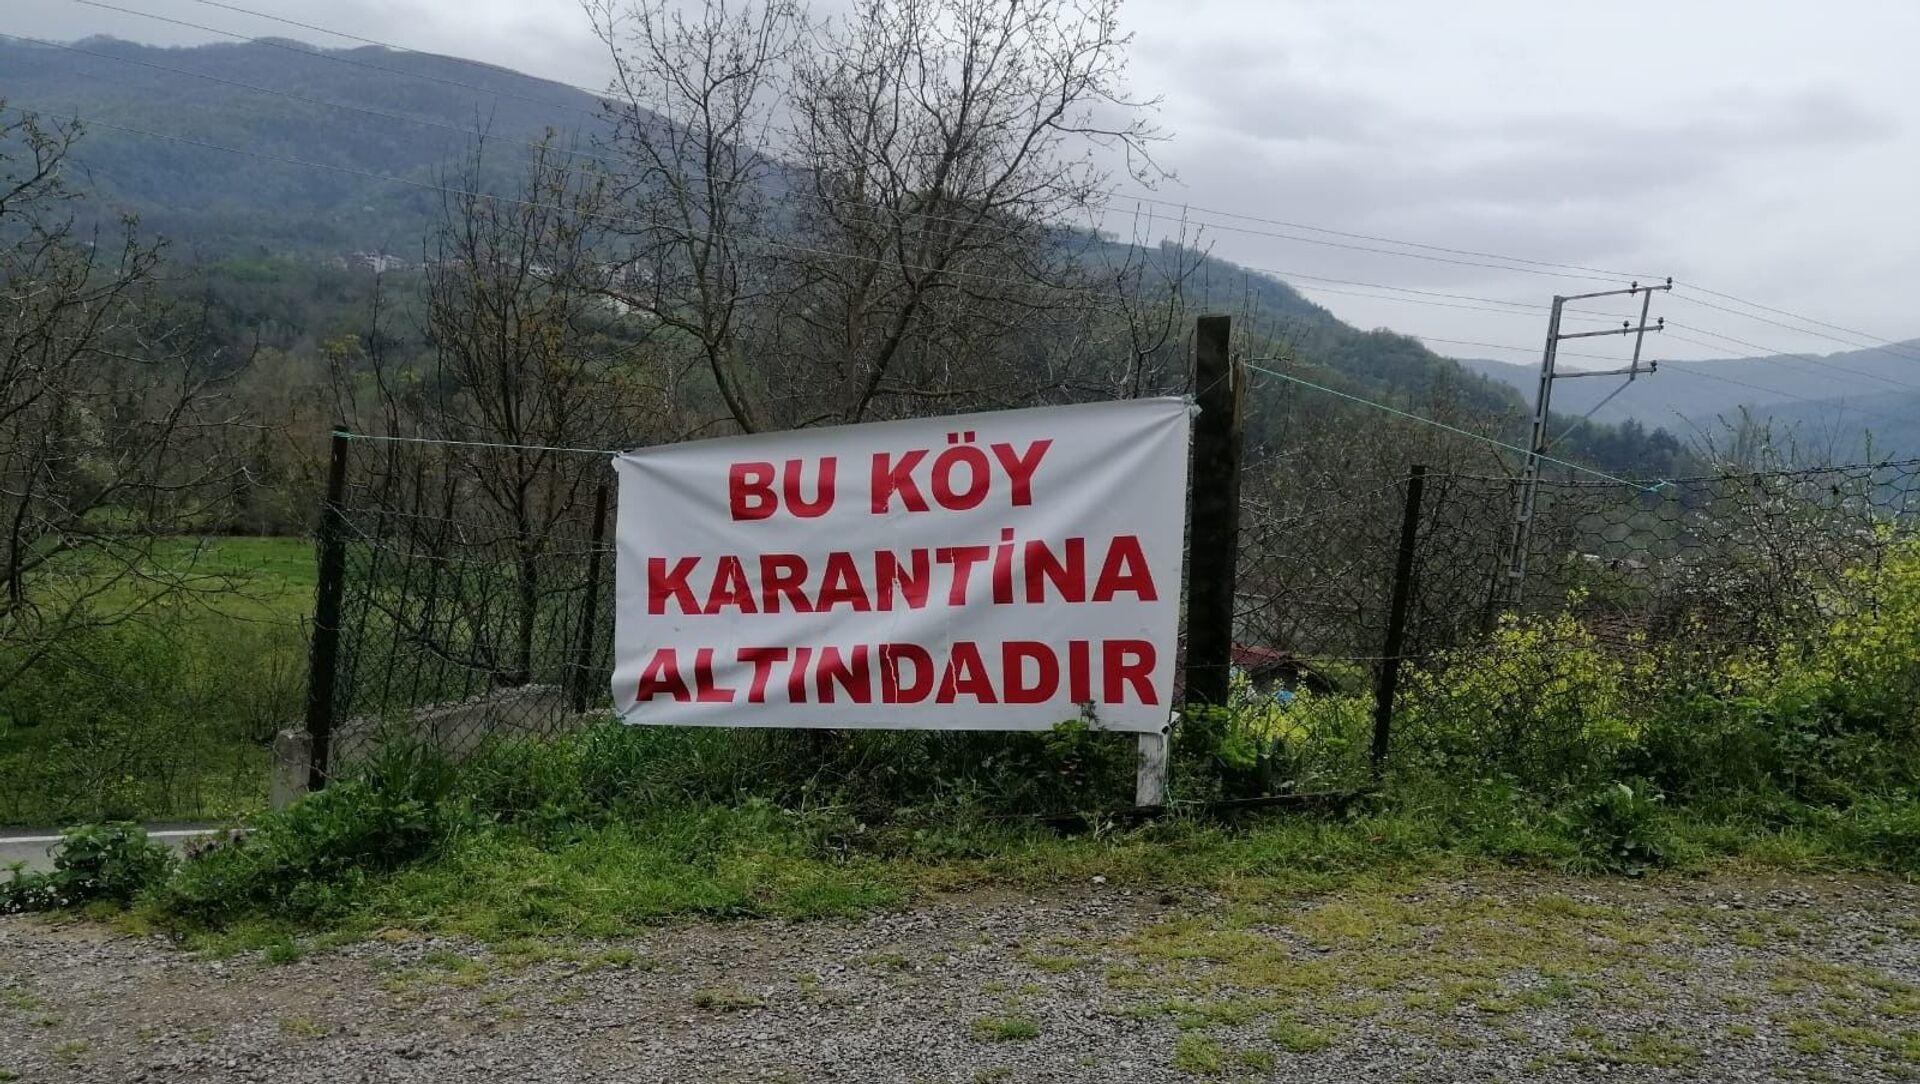 Köy karantina, karantina yazısı, Kastamonu köy,  - Sputnik Türkiye, 1920, 28.07.2021